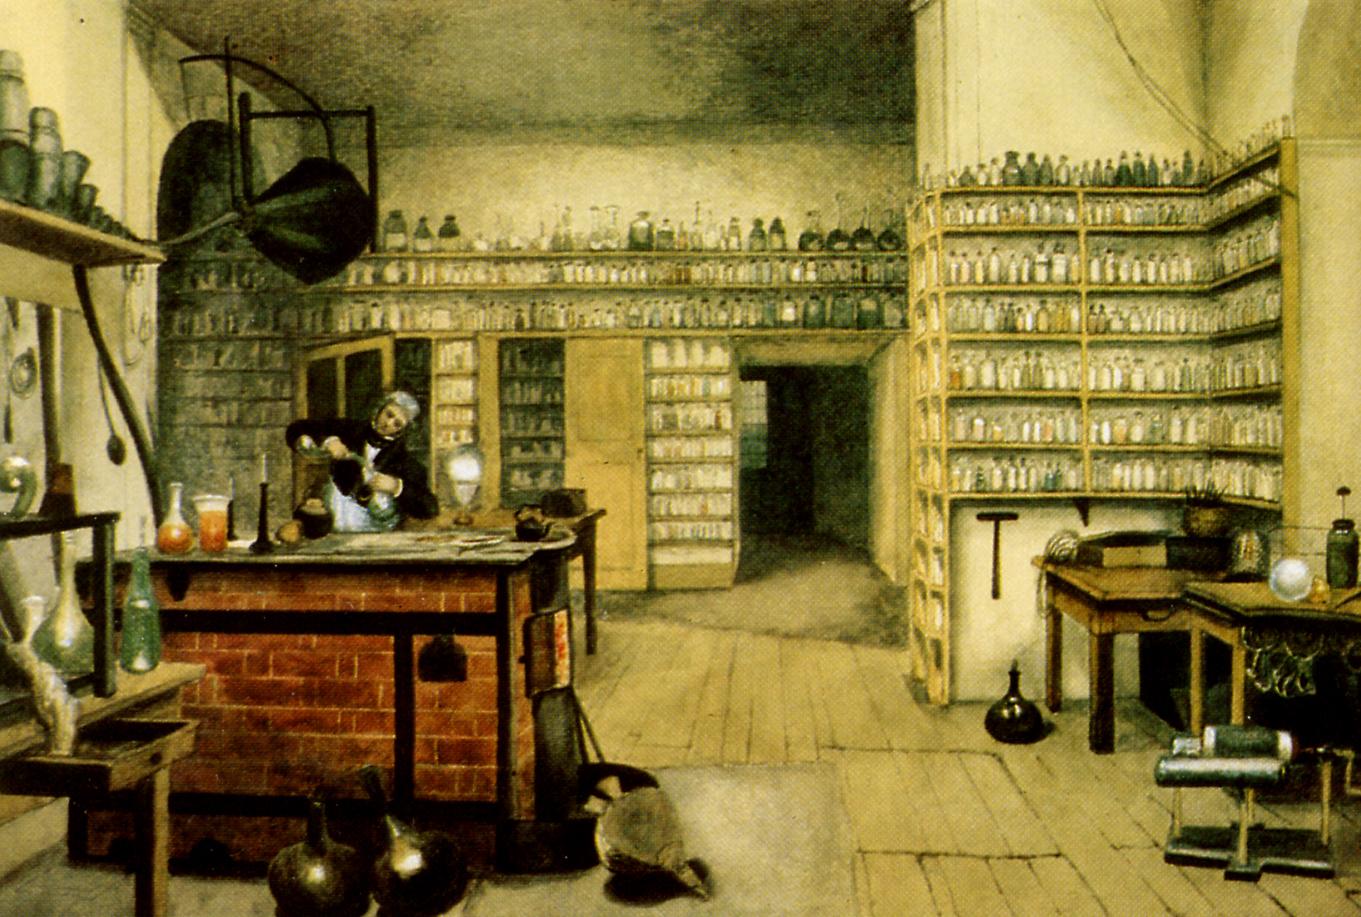 Description m faraday lab h moore